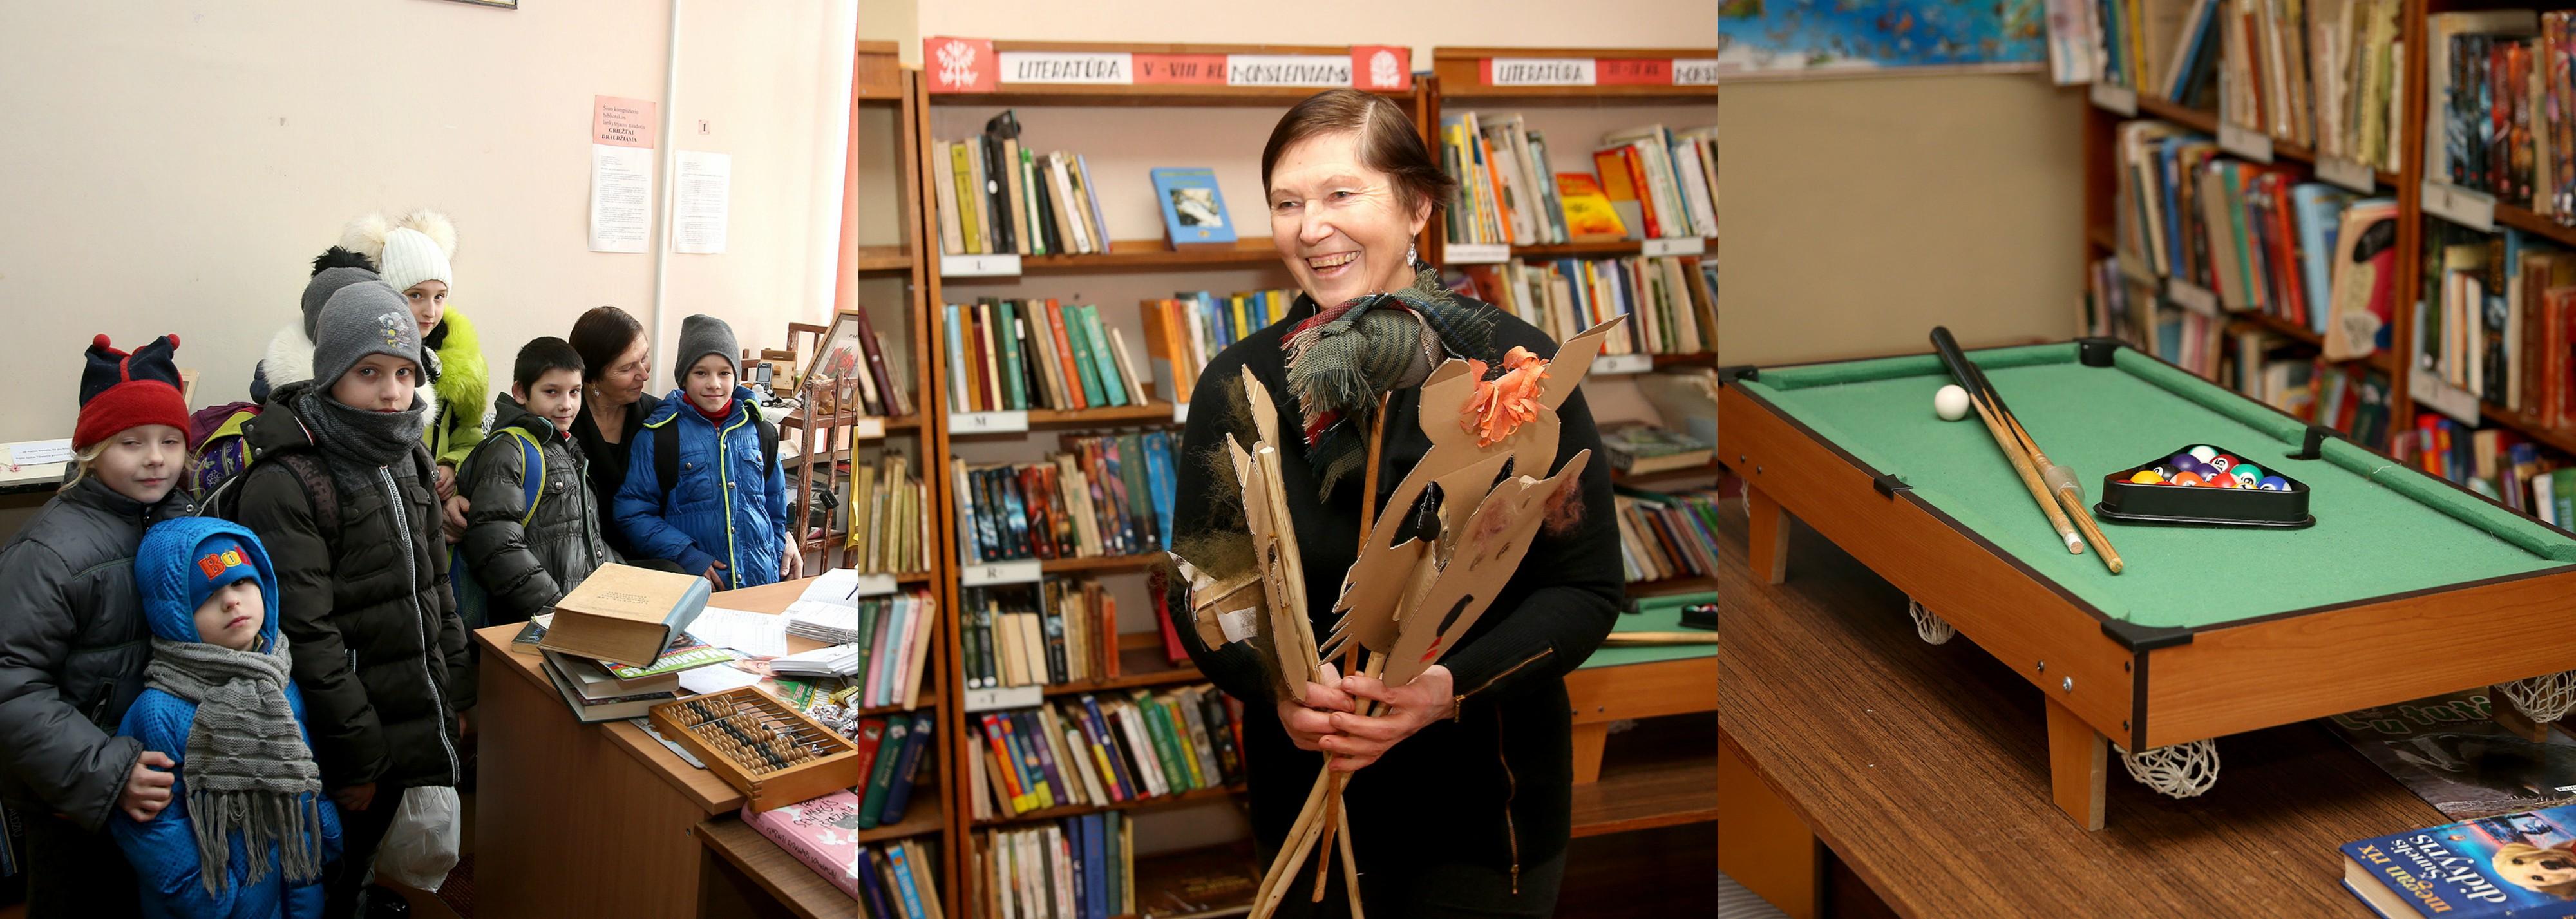 Pravėrus duris mus pasitinka visuomet besišypsanti Mikalojaus Daukšos viešosios bibliotekos Šlapaberžės filialo bibliotekininkė, čia gimusi ir augusi Regina Morkūnienė bei pulkas bibliotekoje kasdien besilankančių vaikų. Algimanto Barzdžiaus nuotr.